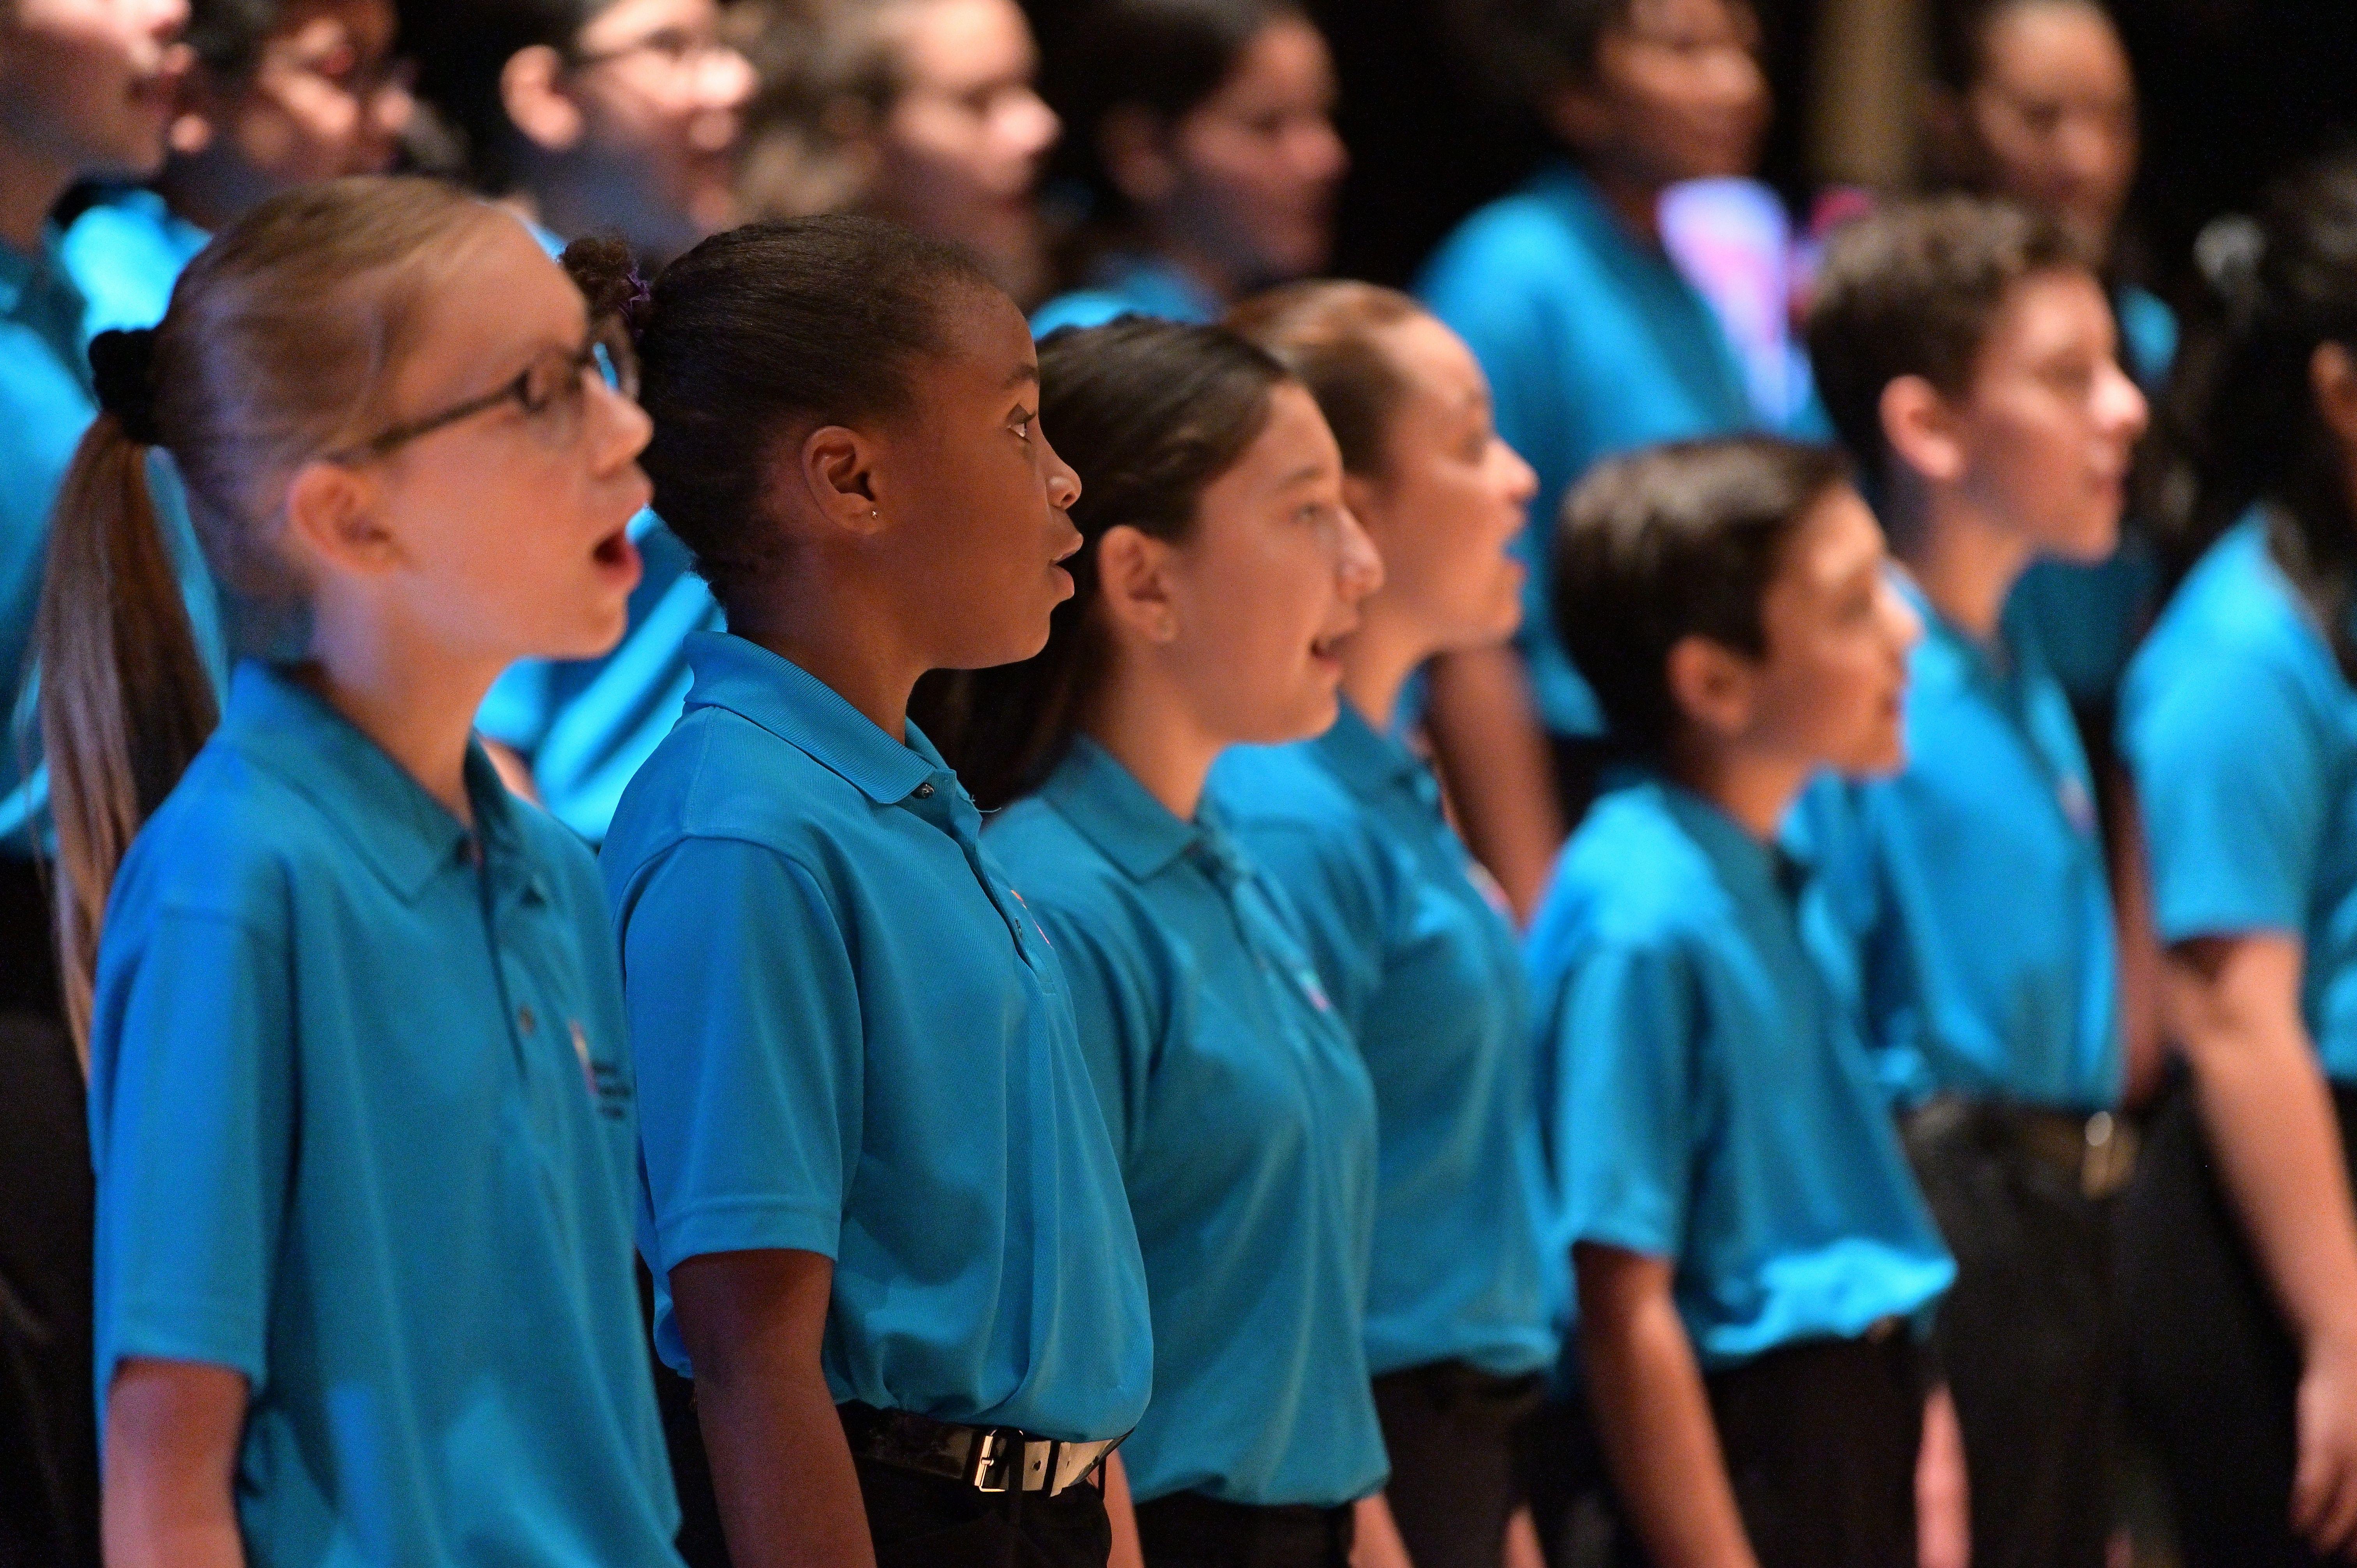 Behind the Scenes: Intermediate Chorus